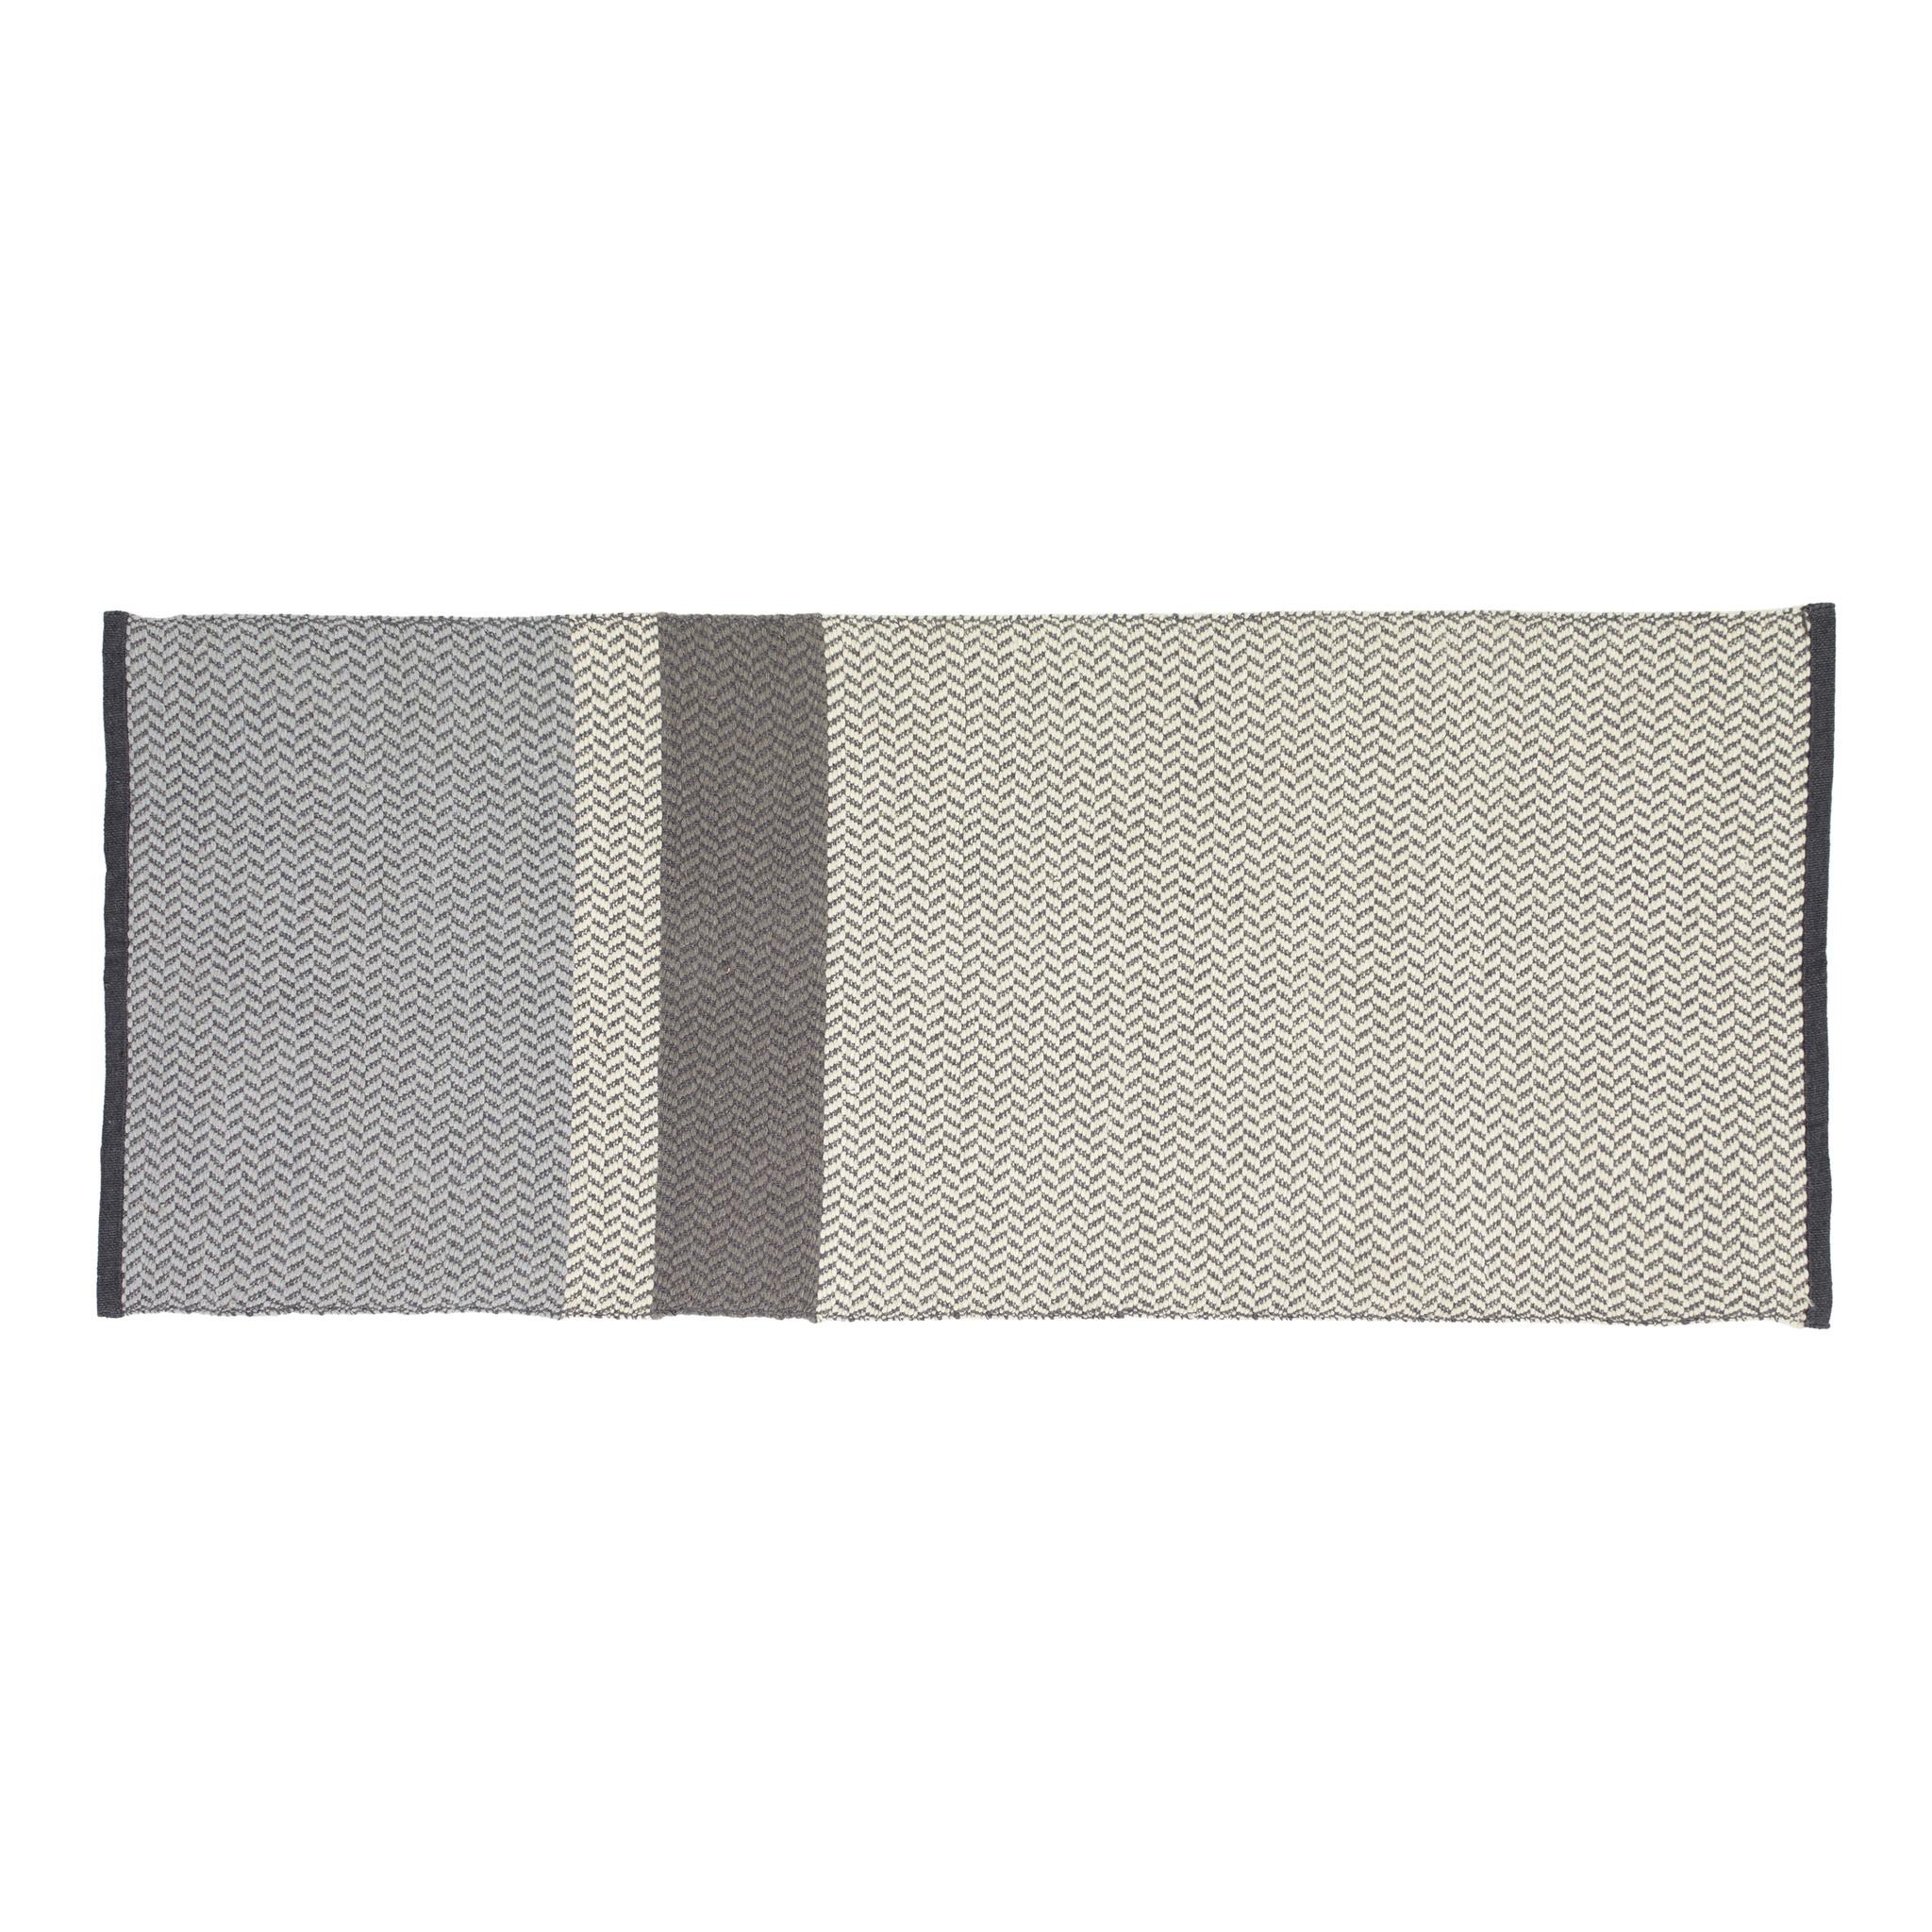 Hubsch Vloerkleed, geweven, katoen, blauw / grijset van wit